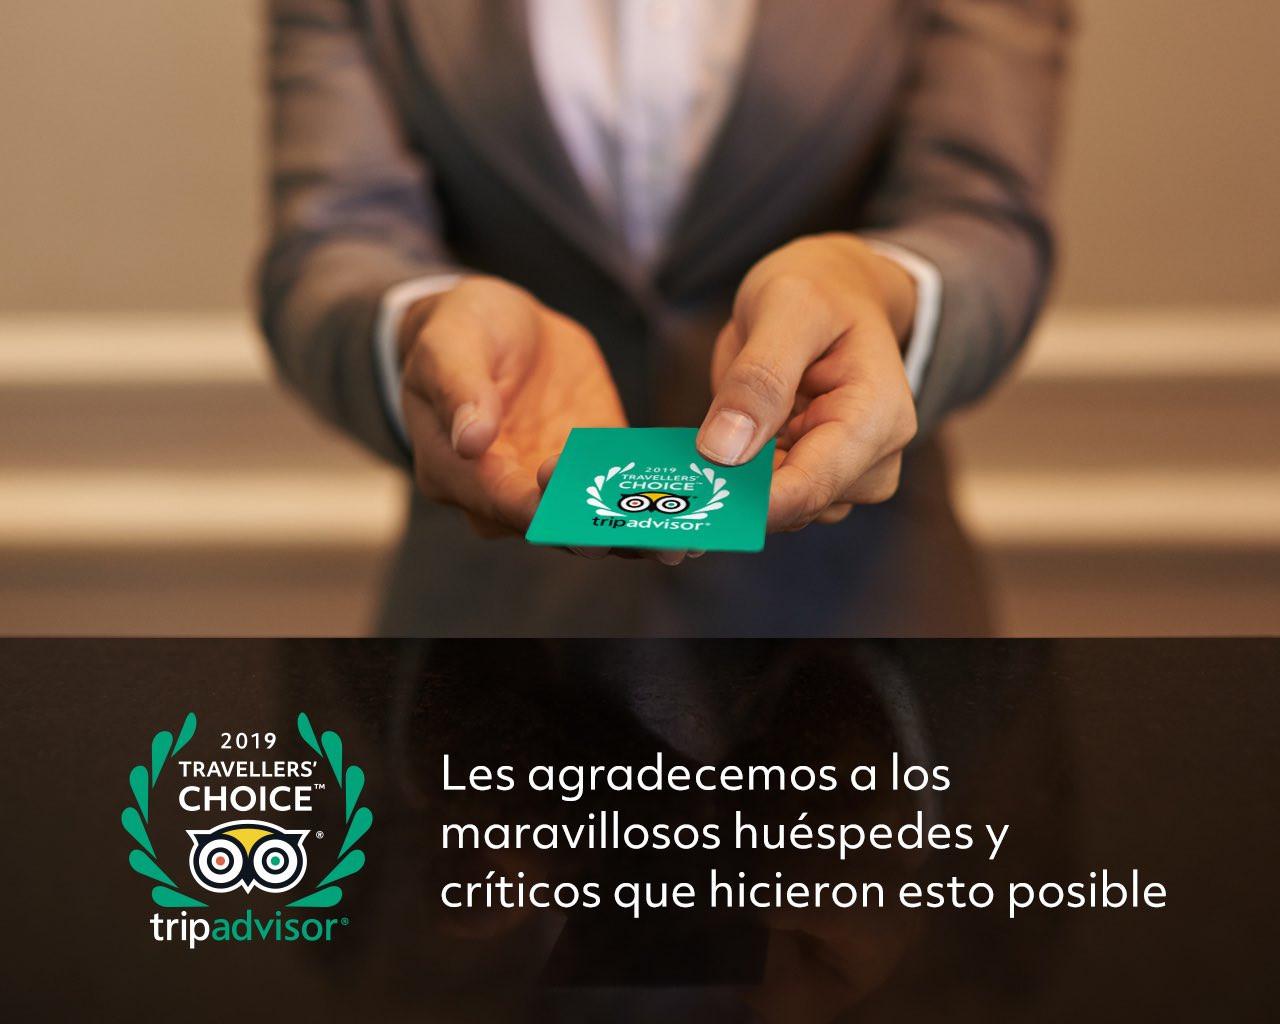 Tripadvisor Traveler's Choice 2019